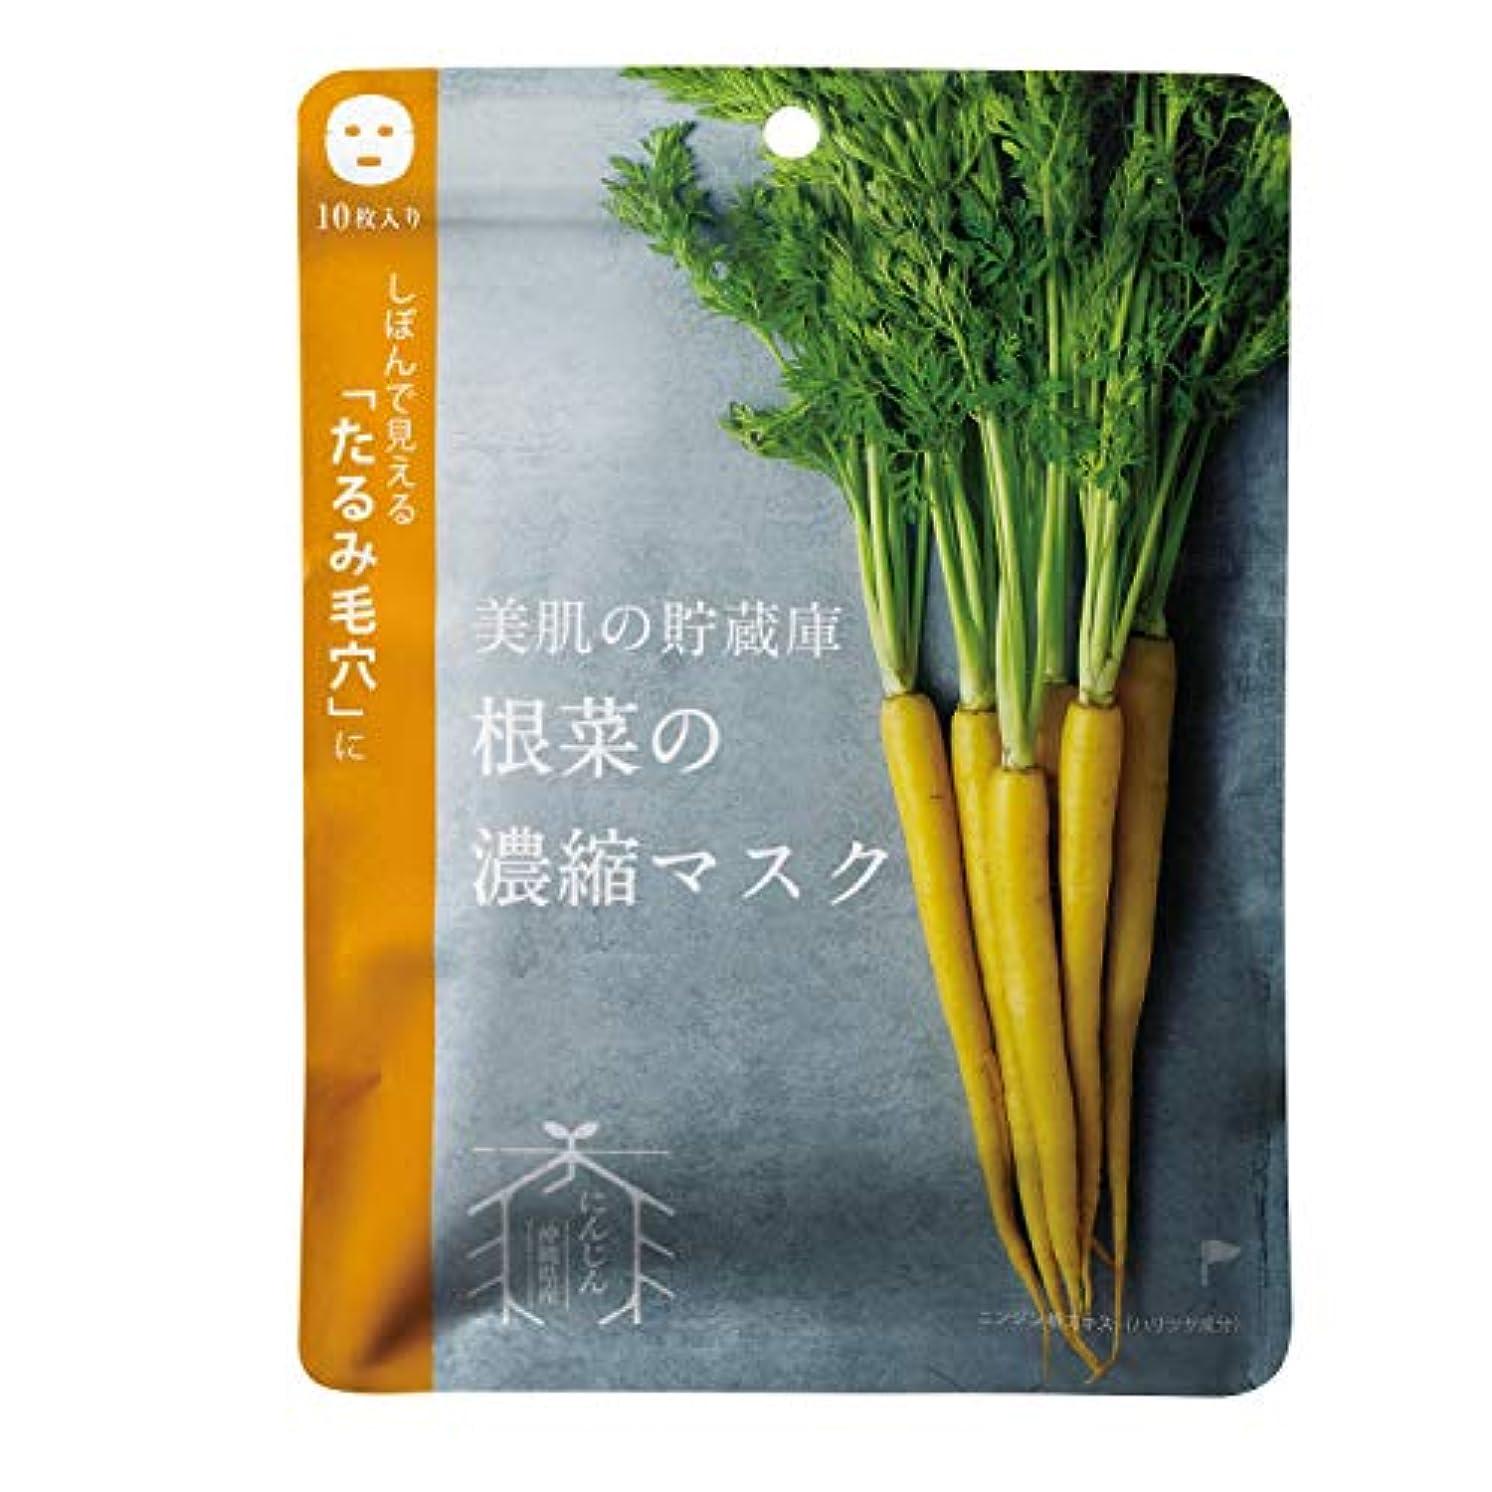 メーカー高速道路検索エンジン最適化@cosme nippon 美肌の貯蔵庫 根菜の濃縮マスク 島にんじん 10枚 160ml